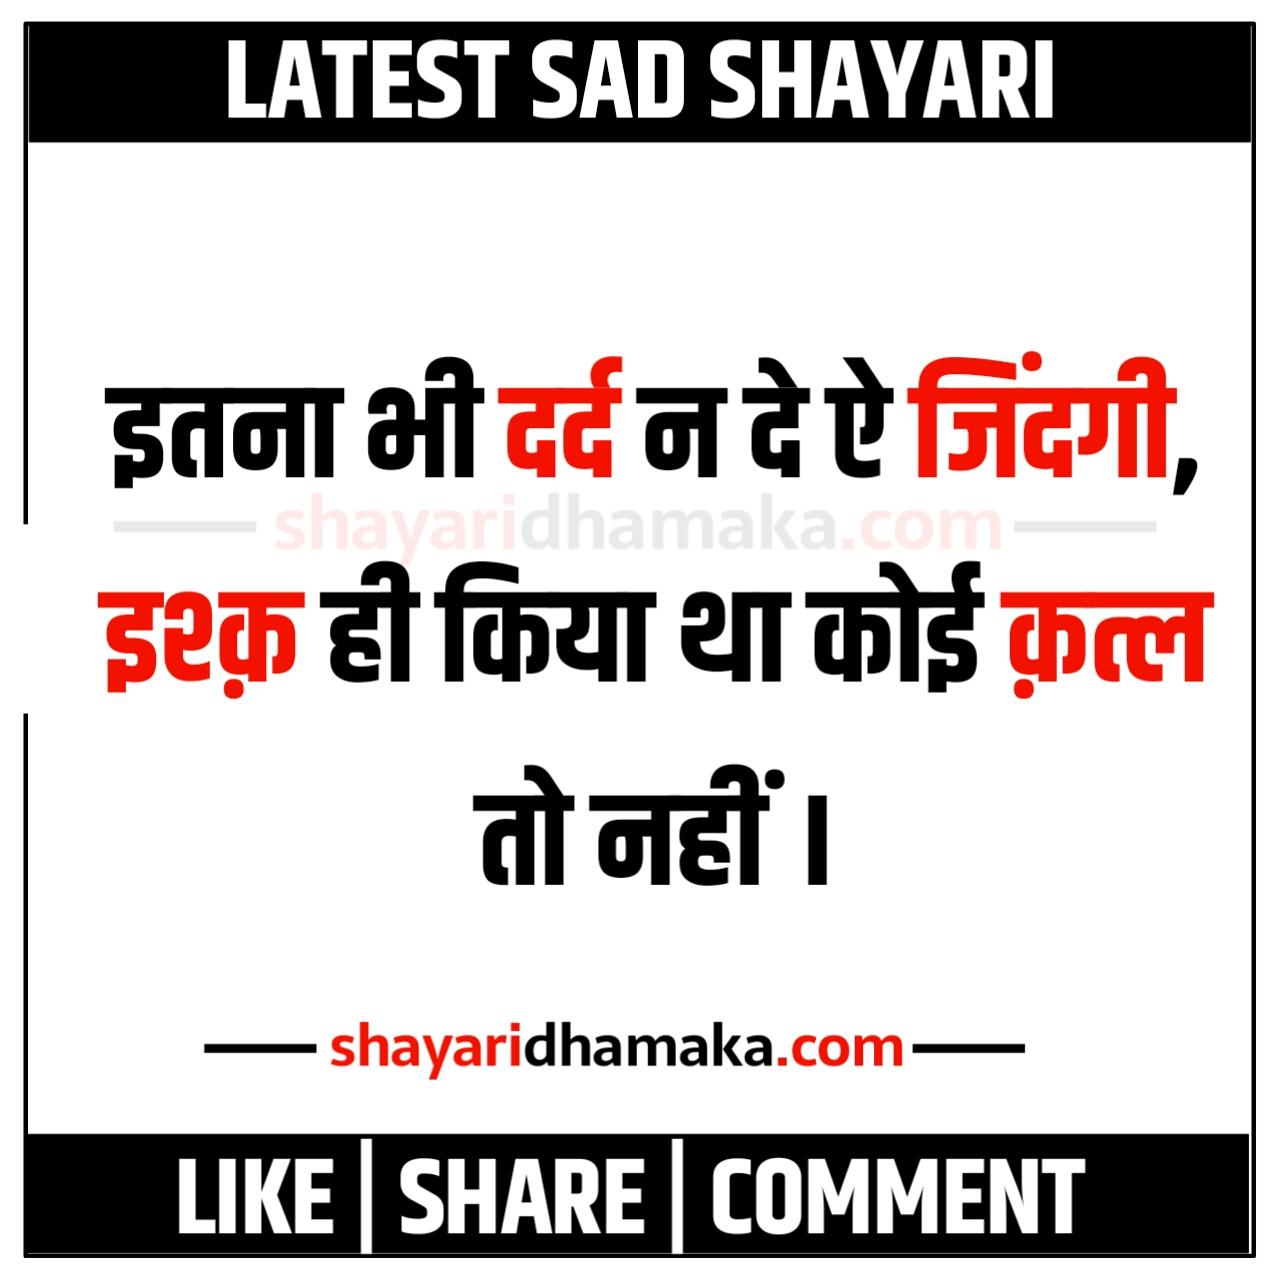 इतना भी दर्द न दे ऐ जिंदगी - Latest Sad Shayari